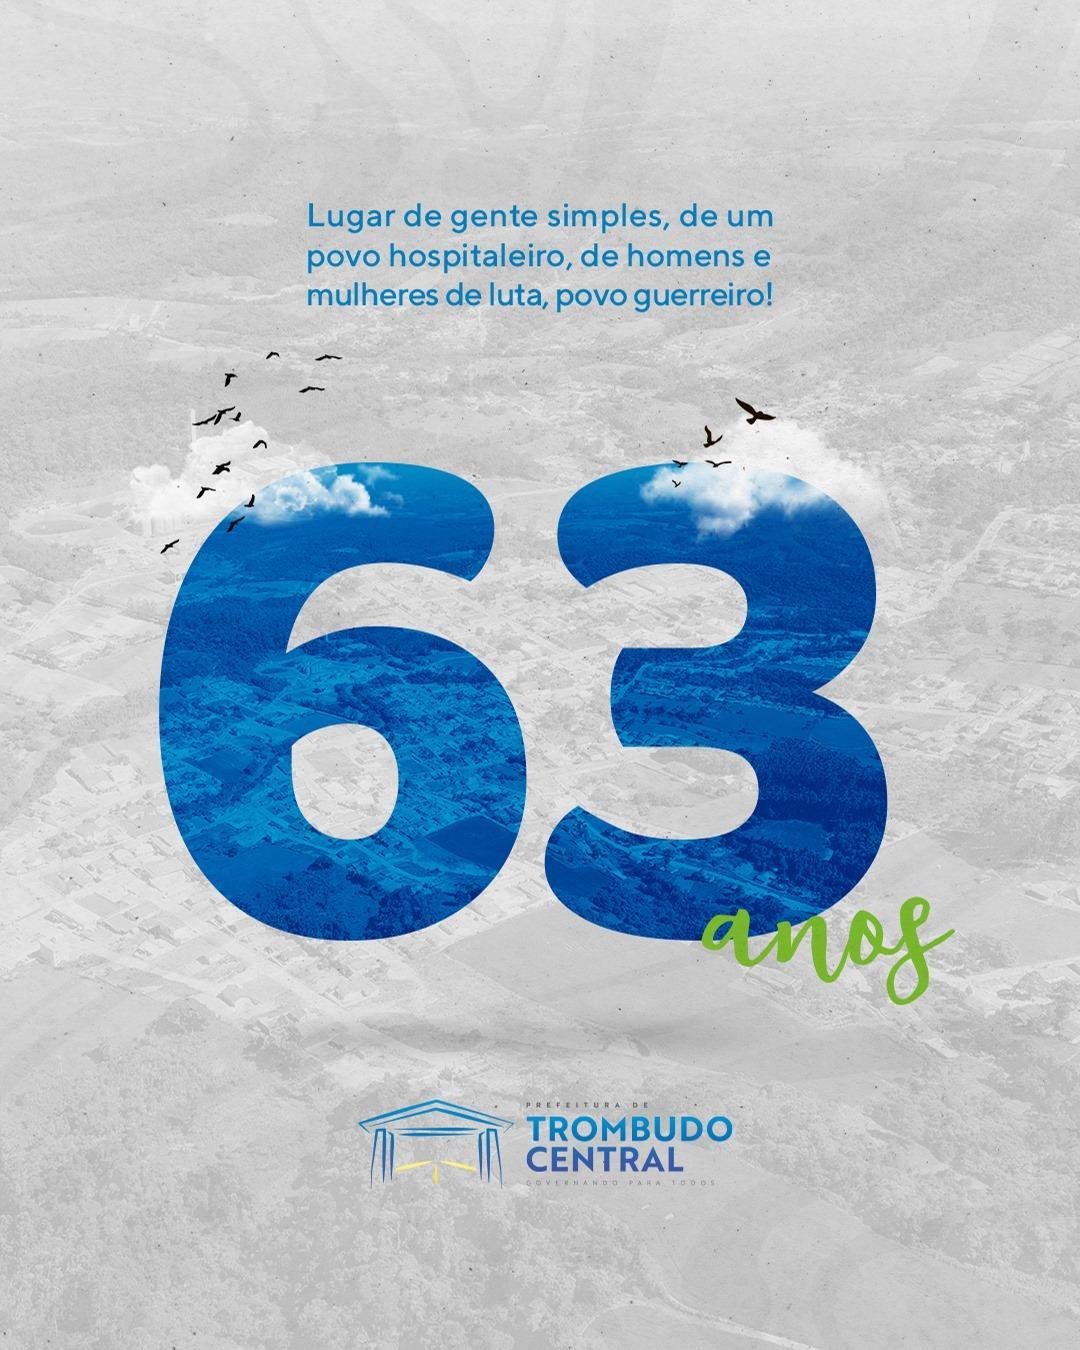 Trombudo Central comemora 63 anos